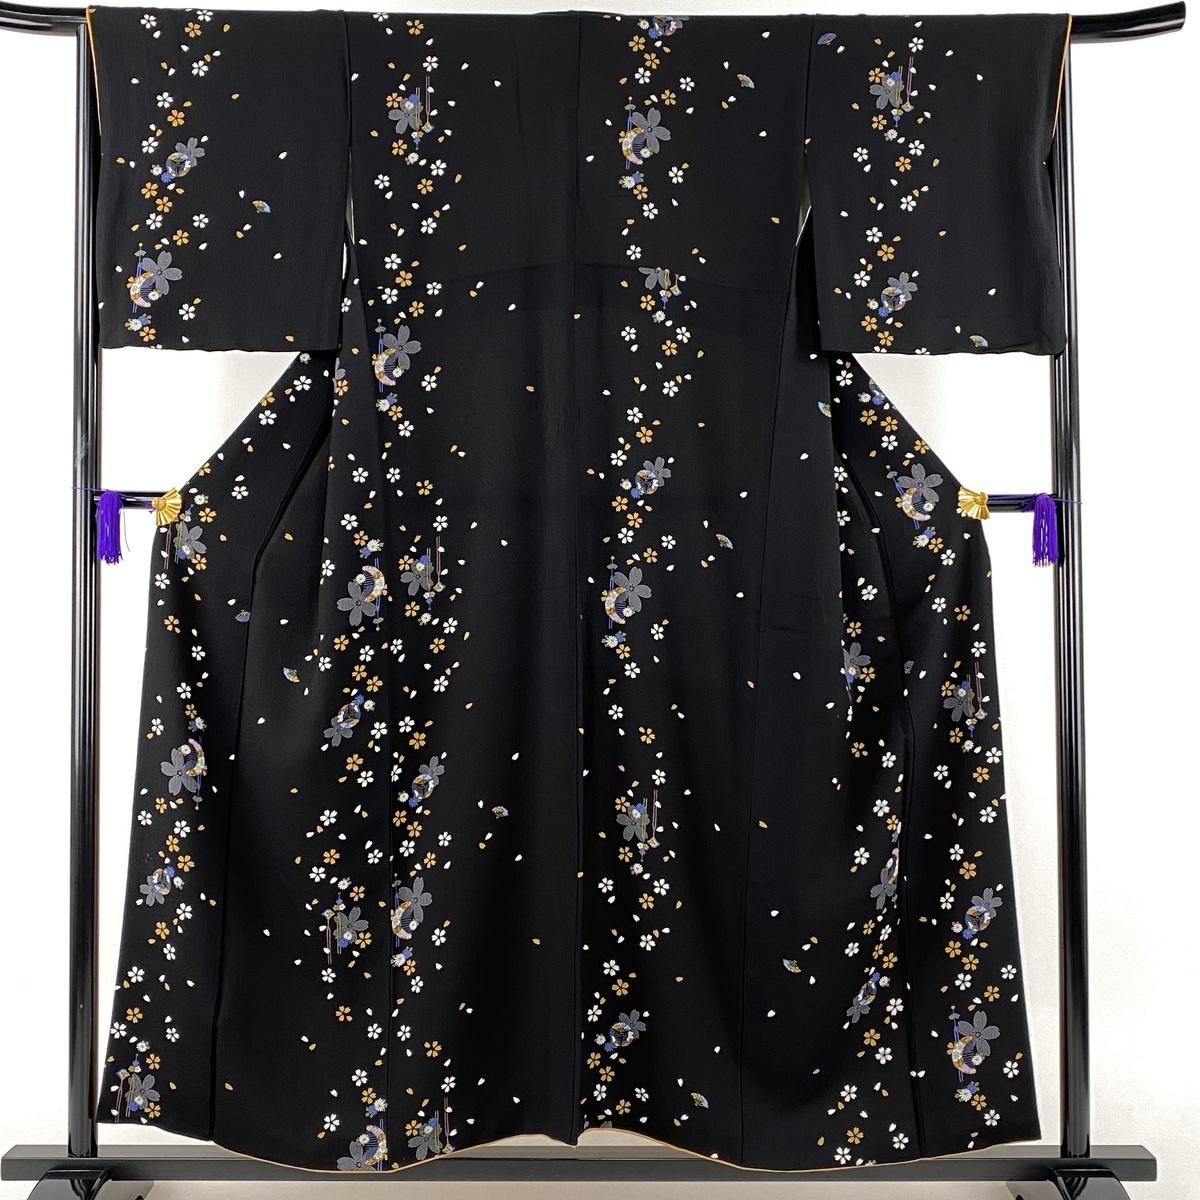 小紋 名品 桜 髪飾り 黒 袷 身丈155cm 裄丈66cm M 正絹 【中古】